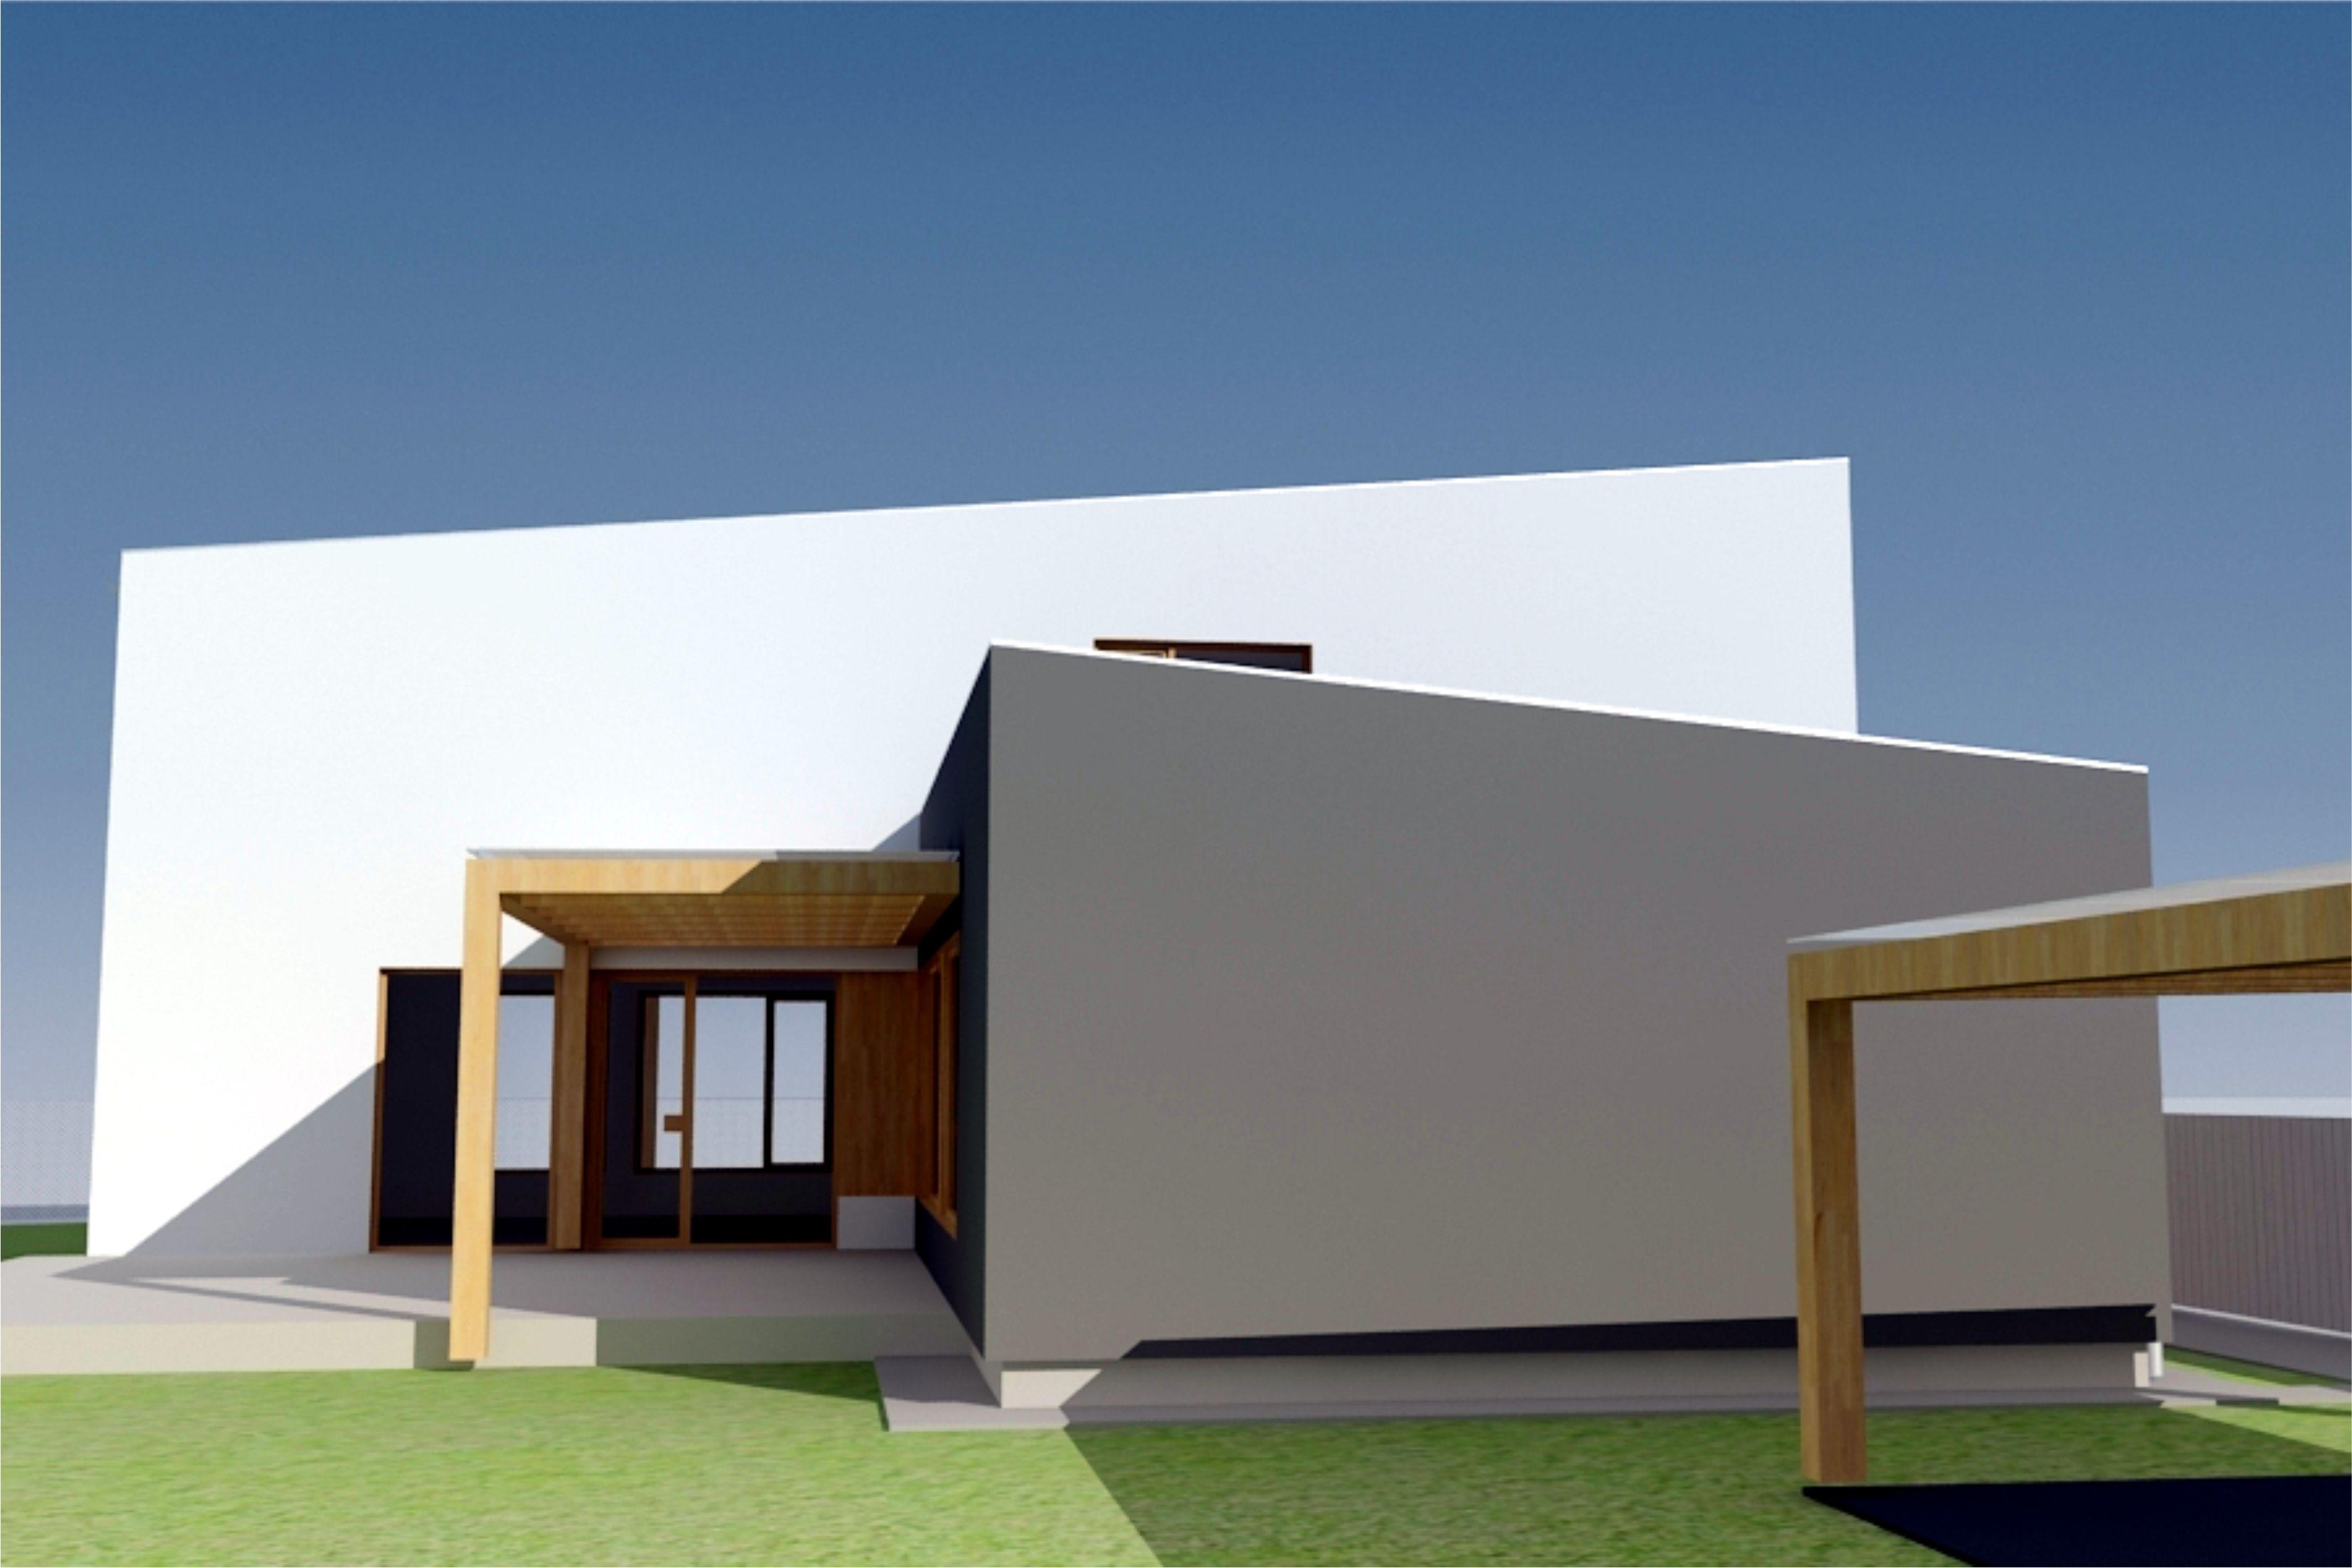 Projekt stavby rodinného domu IV 05